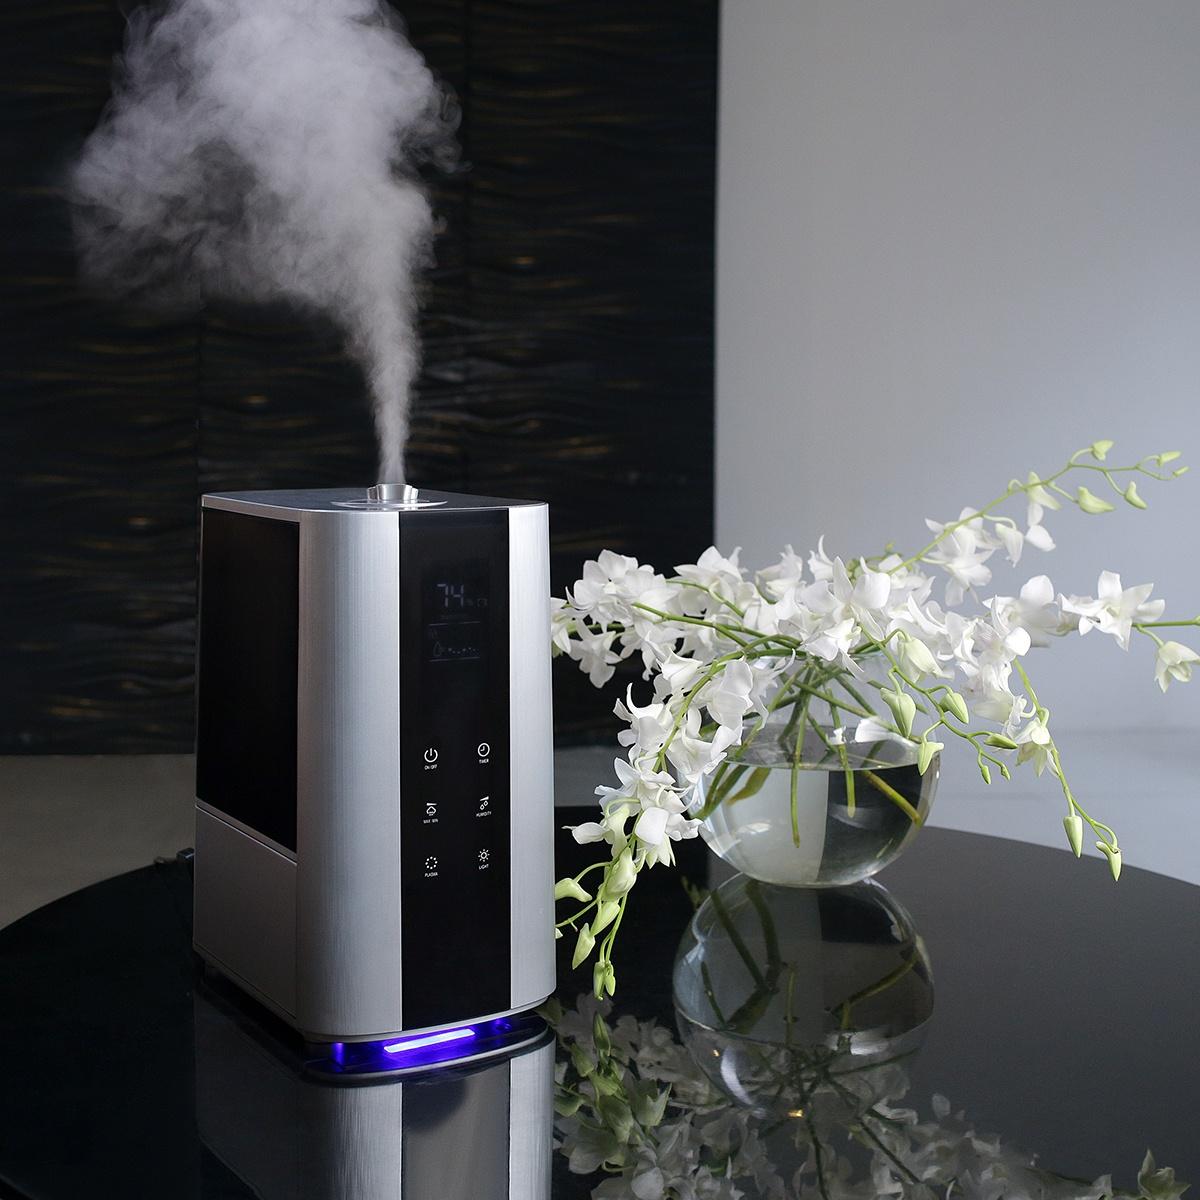 Топ 12 лучших очистителей воздуха по отзывам покупателей